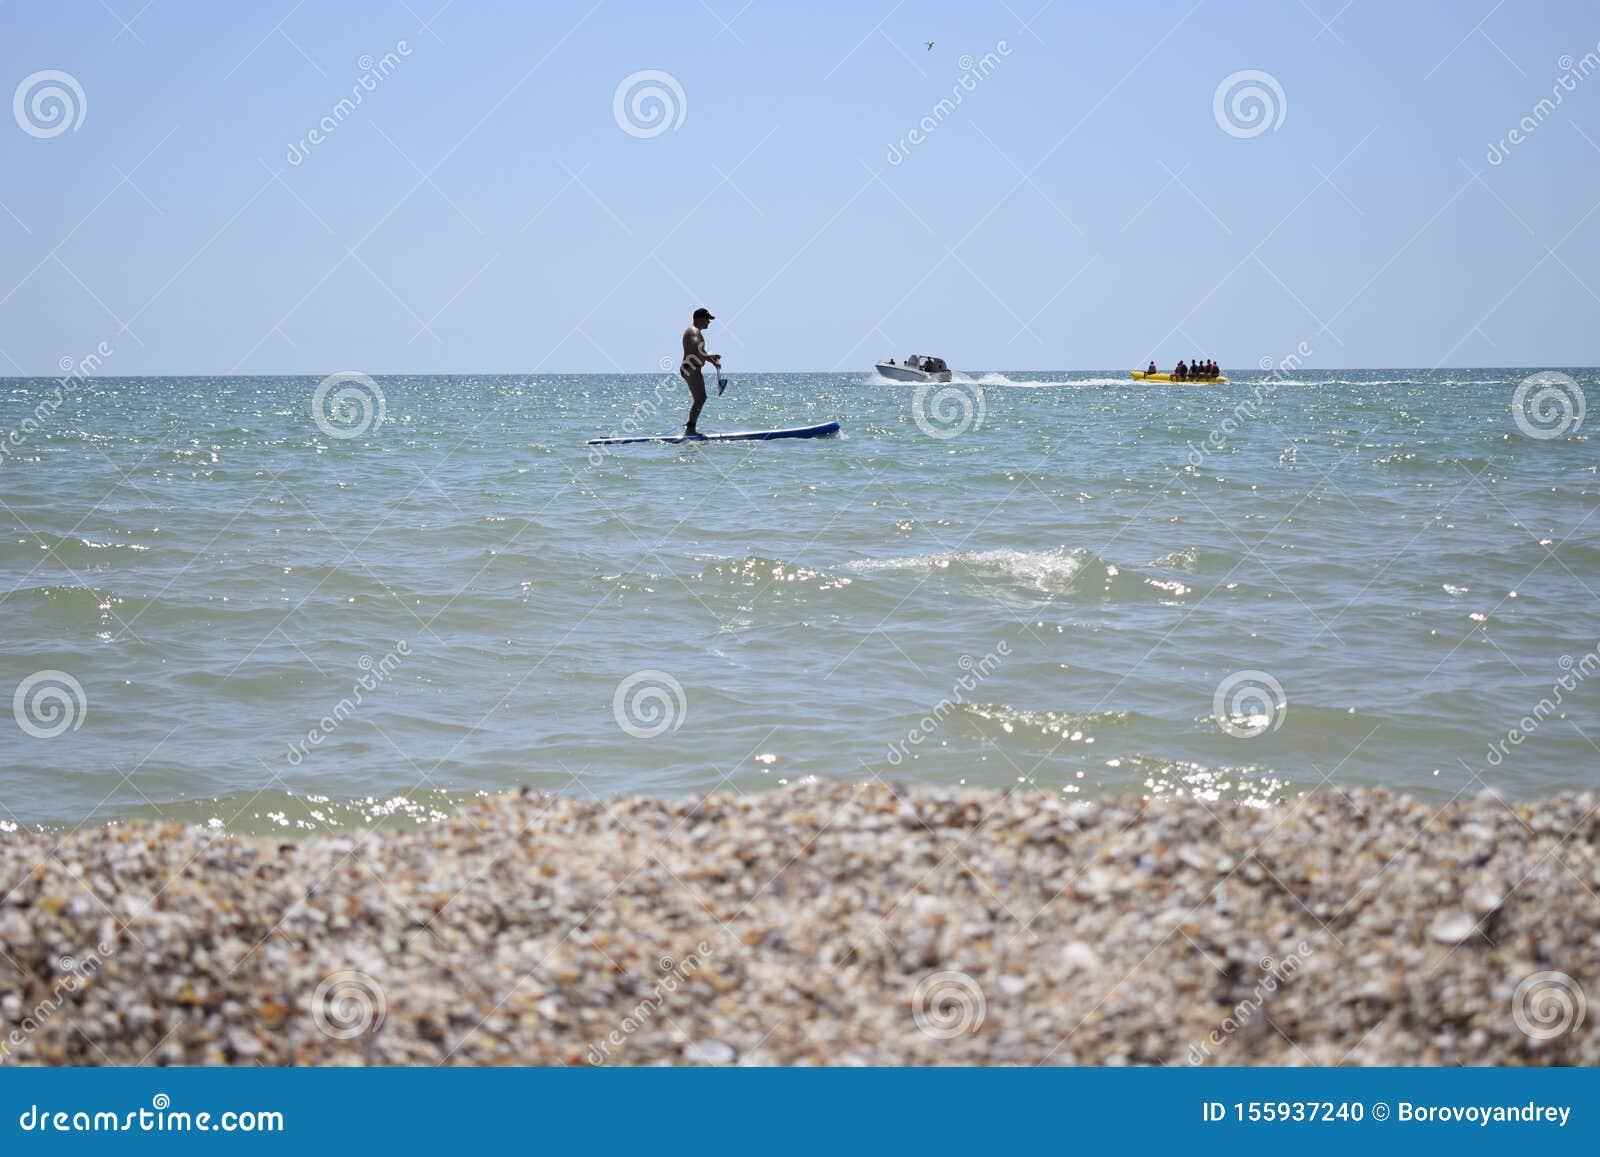 Surfeur Avec Pagaie Attrapant La Vague Le Bateau A Pedales En Plein Air Photo Stock Image Du Pagaie Vague 155937240